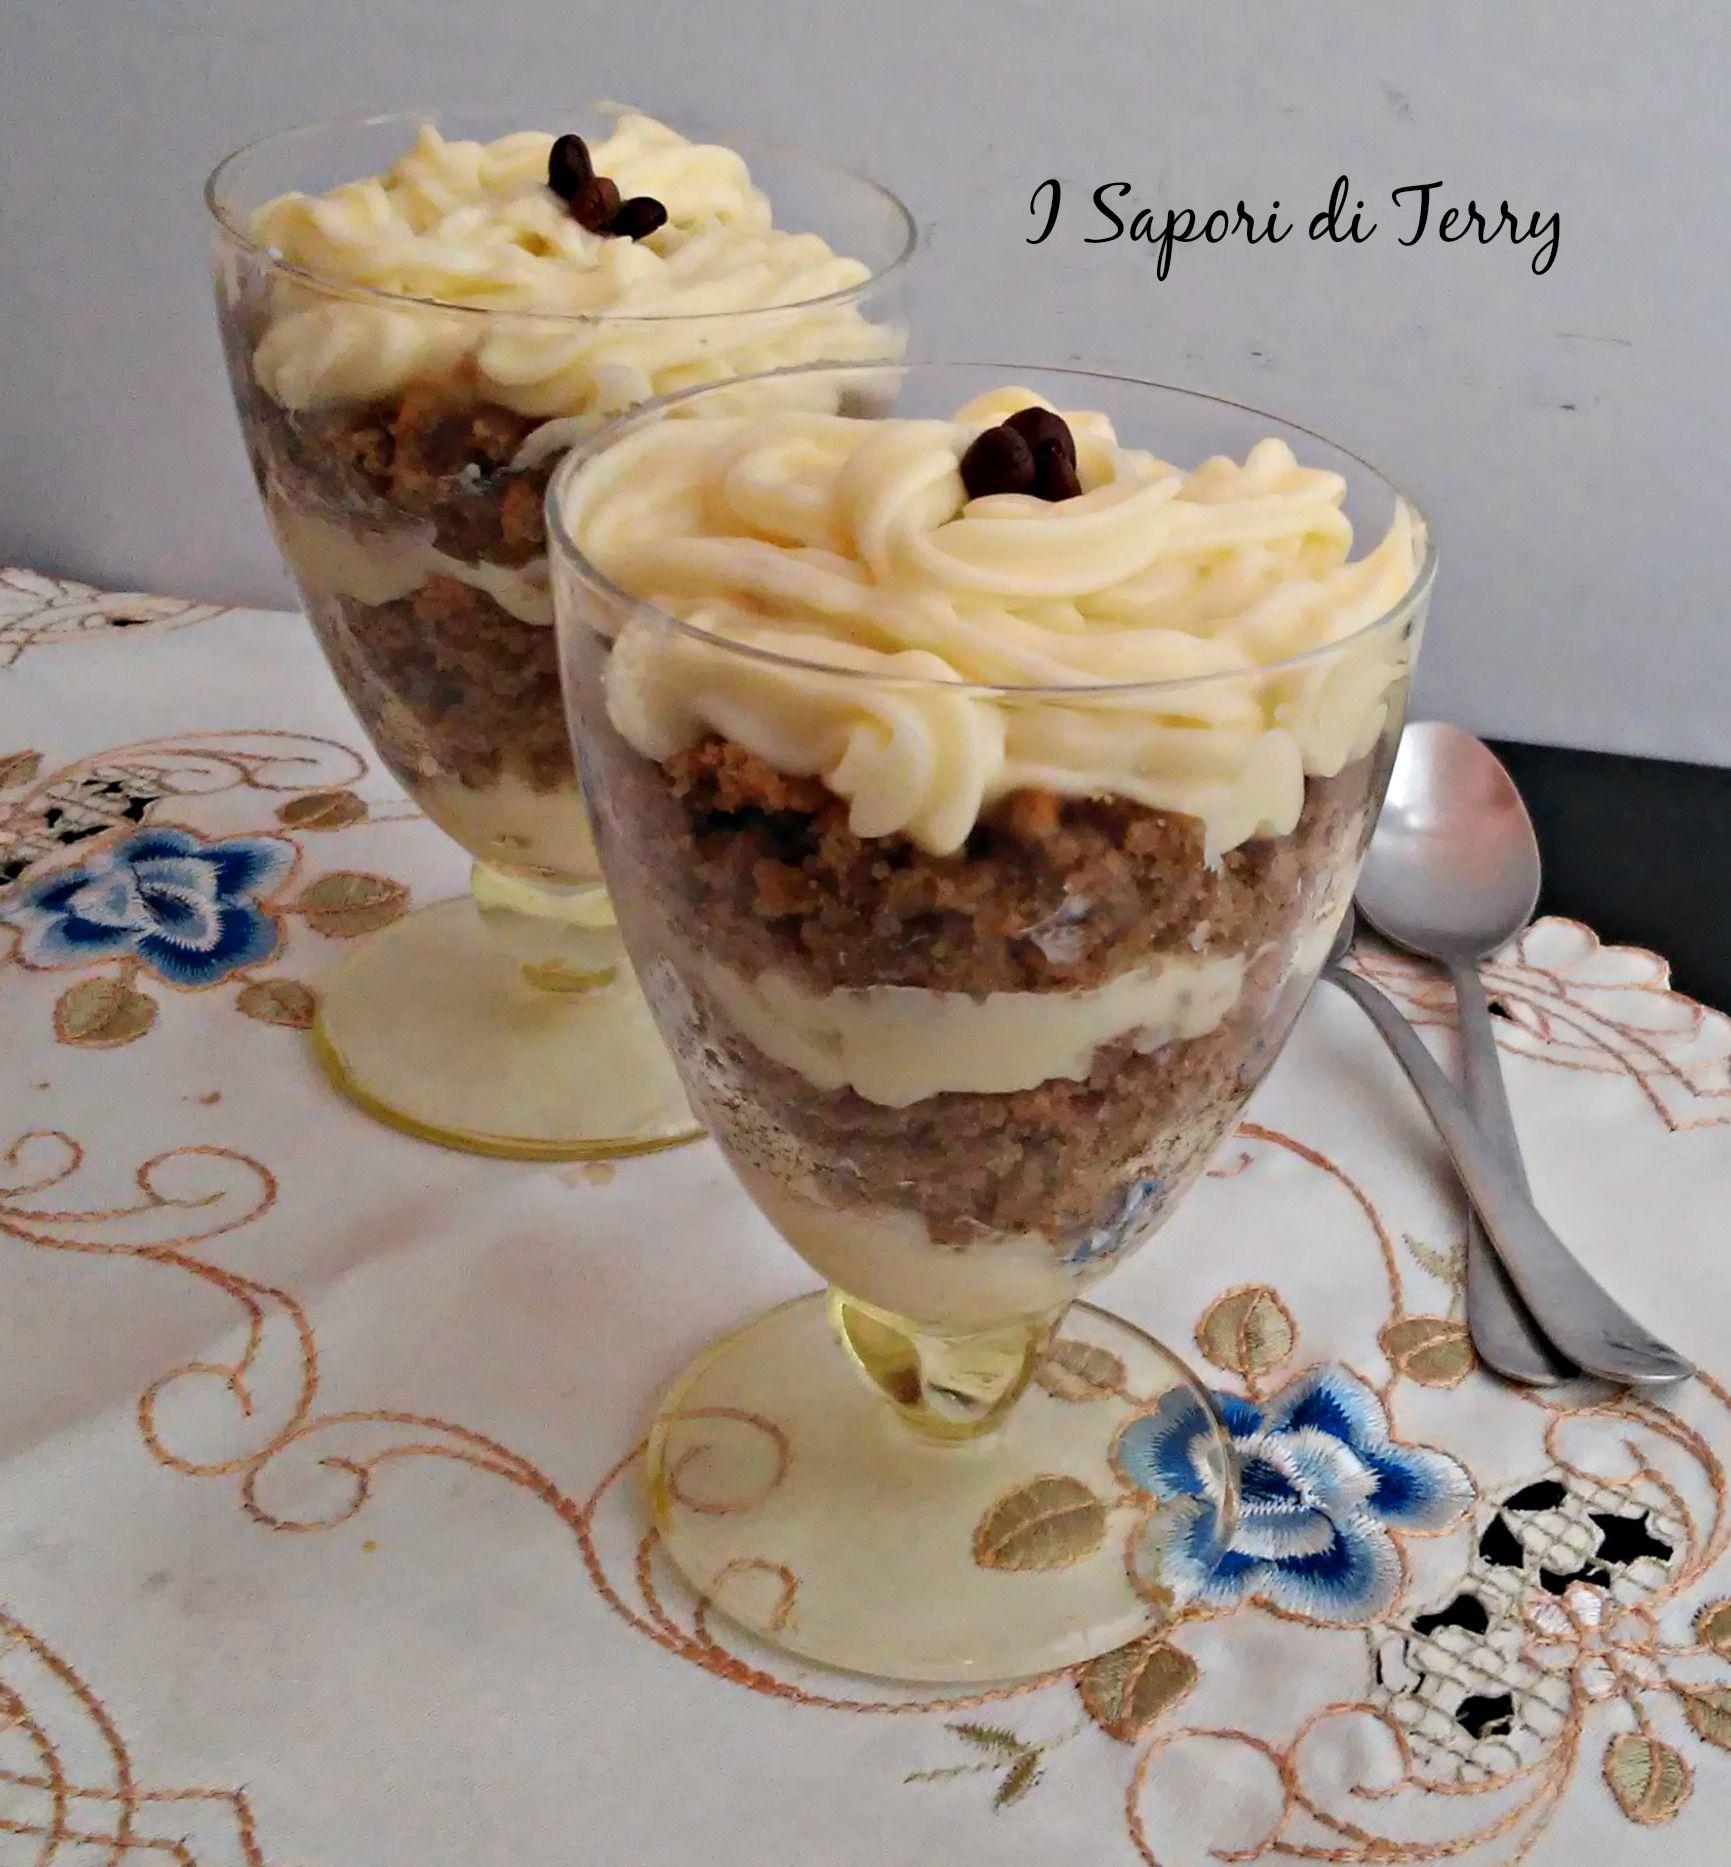 Dopo pranzo ci stà! http://blog.giallozafferano.it/isaporiditerry/sbriciolata-al-caffe-in-coppa-con-crema-pasticcera/